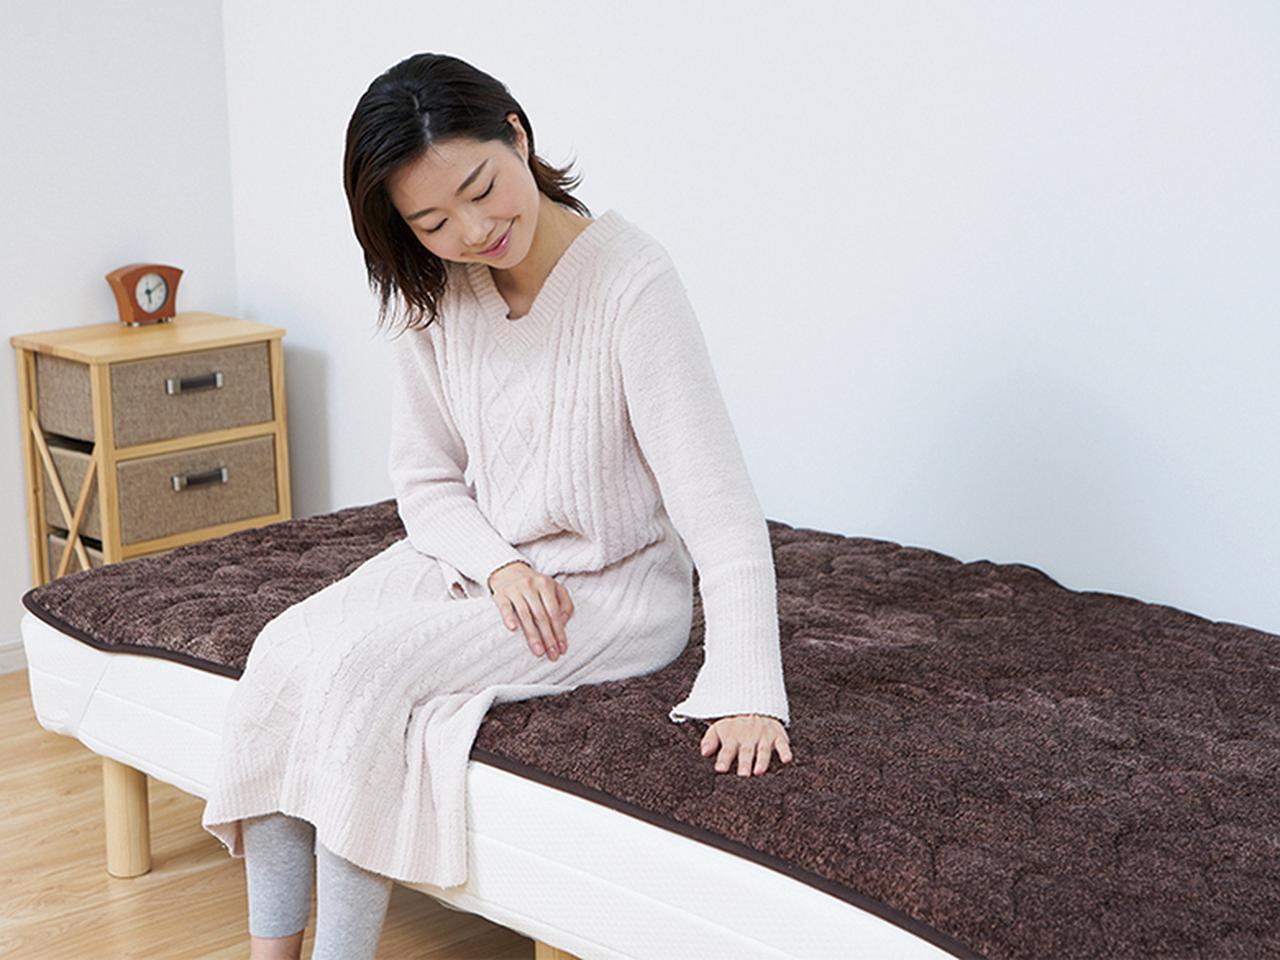 画像2: 【山善】厳しい基準をクリアした「制菌加工」製品に注目!清潔なまま使える電気毛布が登場